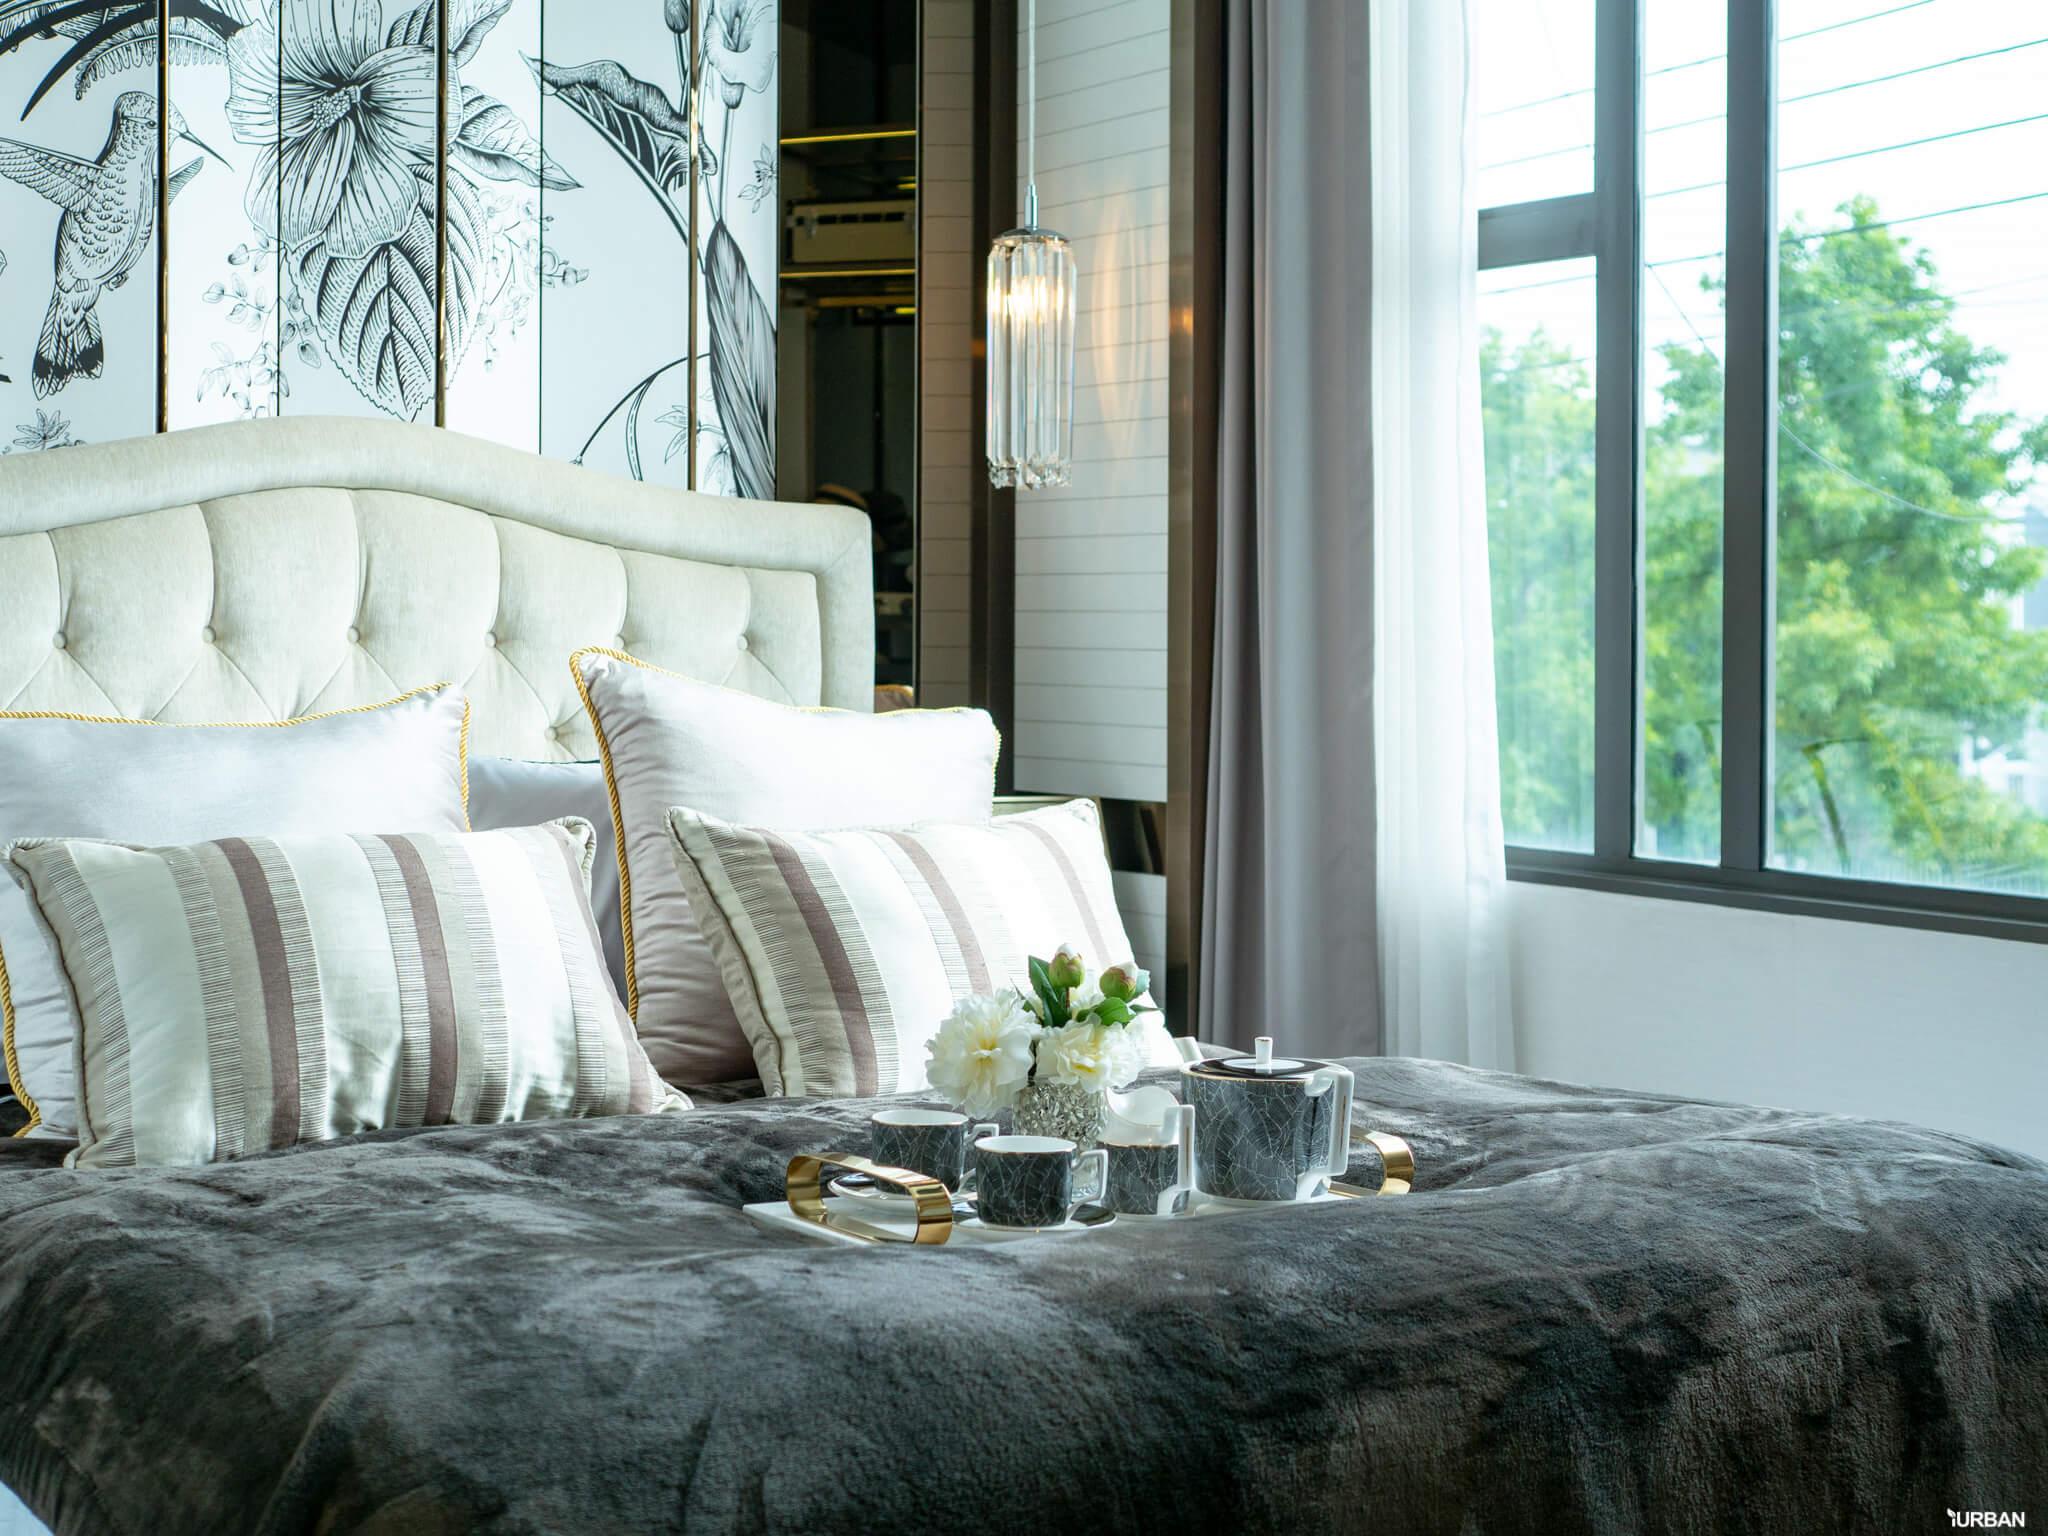 รีวิวทาวน์โฮม Pleno ปิ่นเกล้า - จรัญฯ การออกแบบที่ดีมากทั้งในบ้านและส่วนกลางที่ให้เกินราคา 63 - AP (Thailand) - เอพี (ไทยแลนด์)